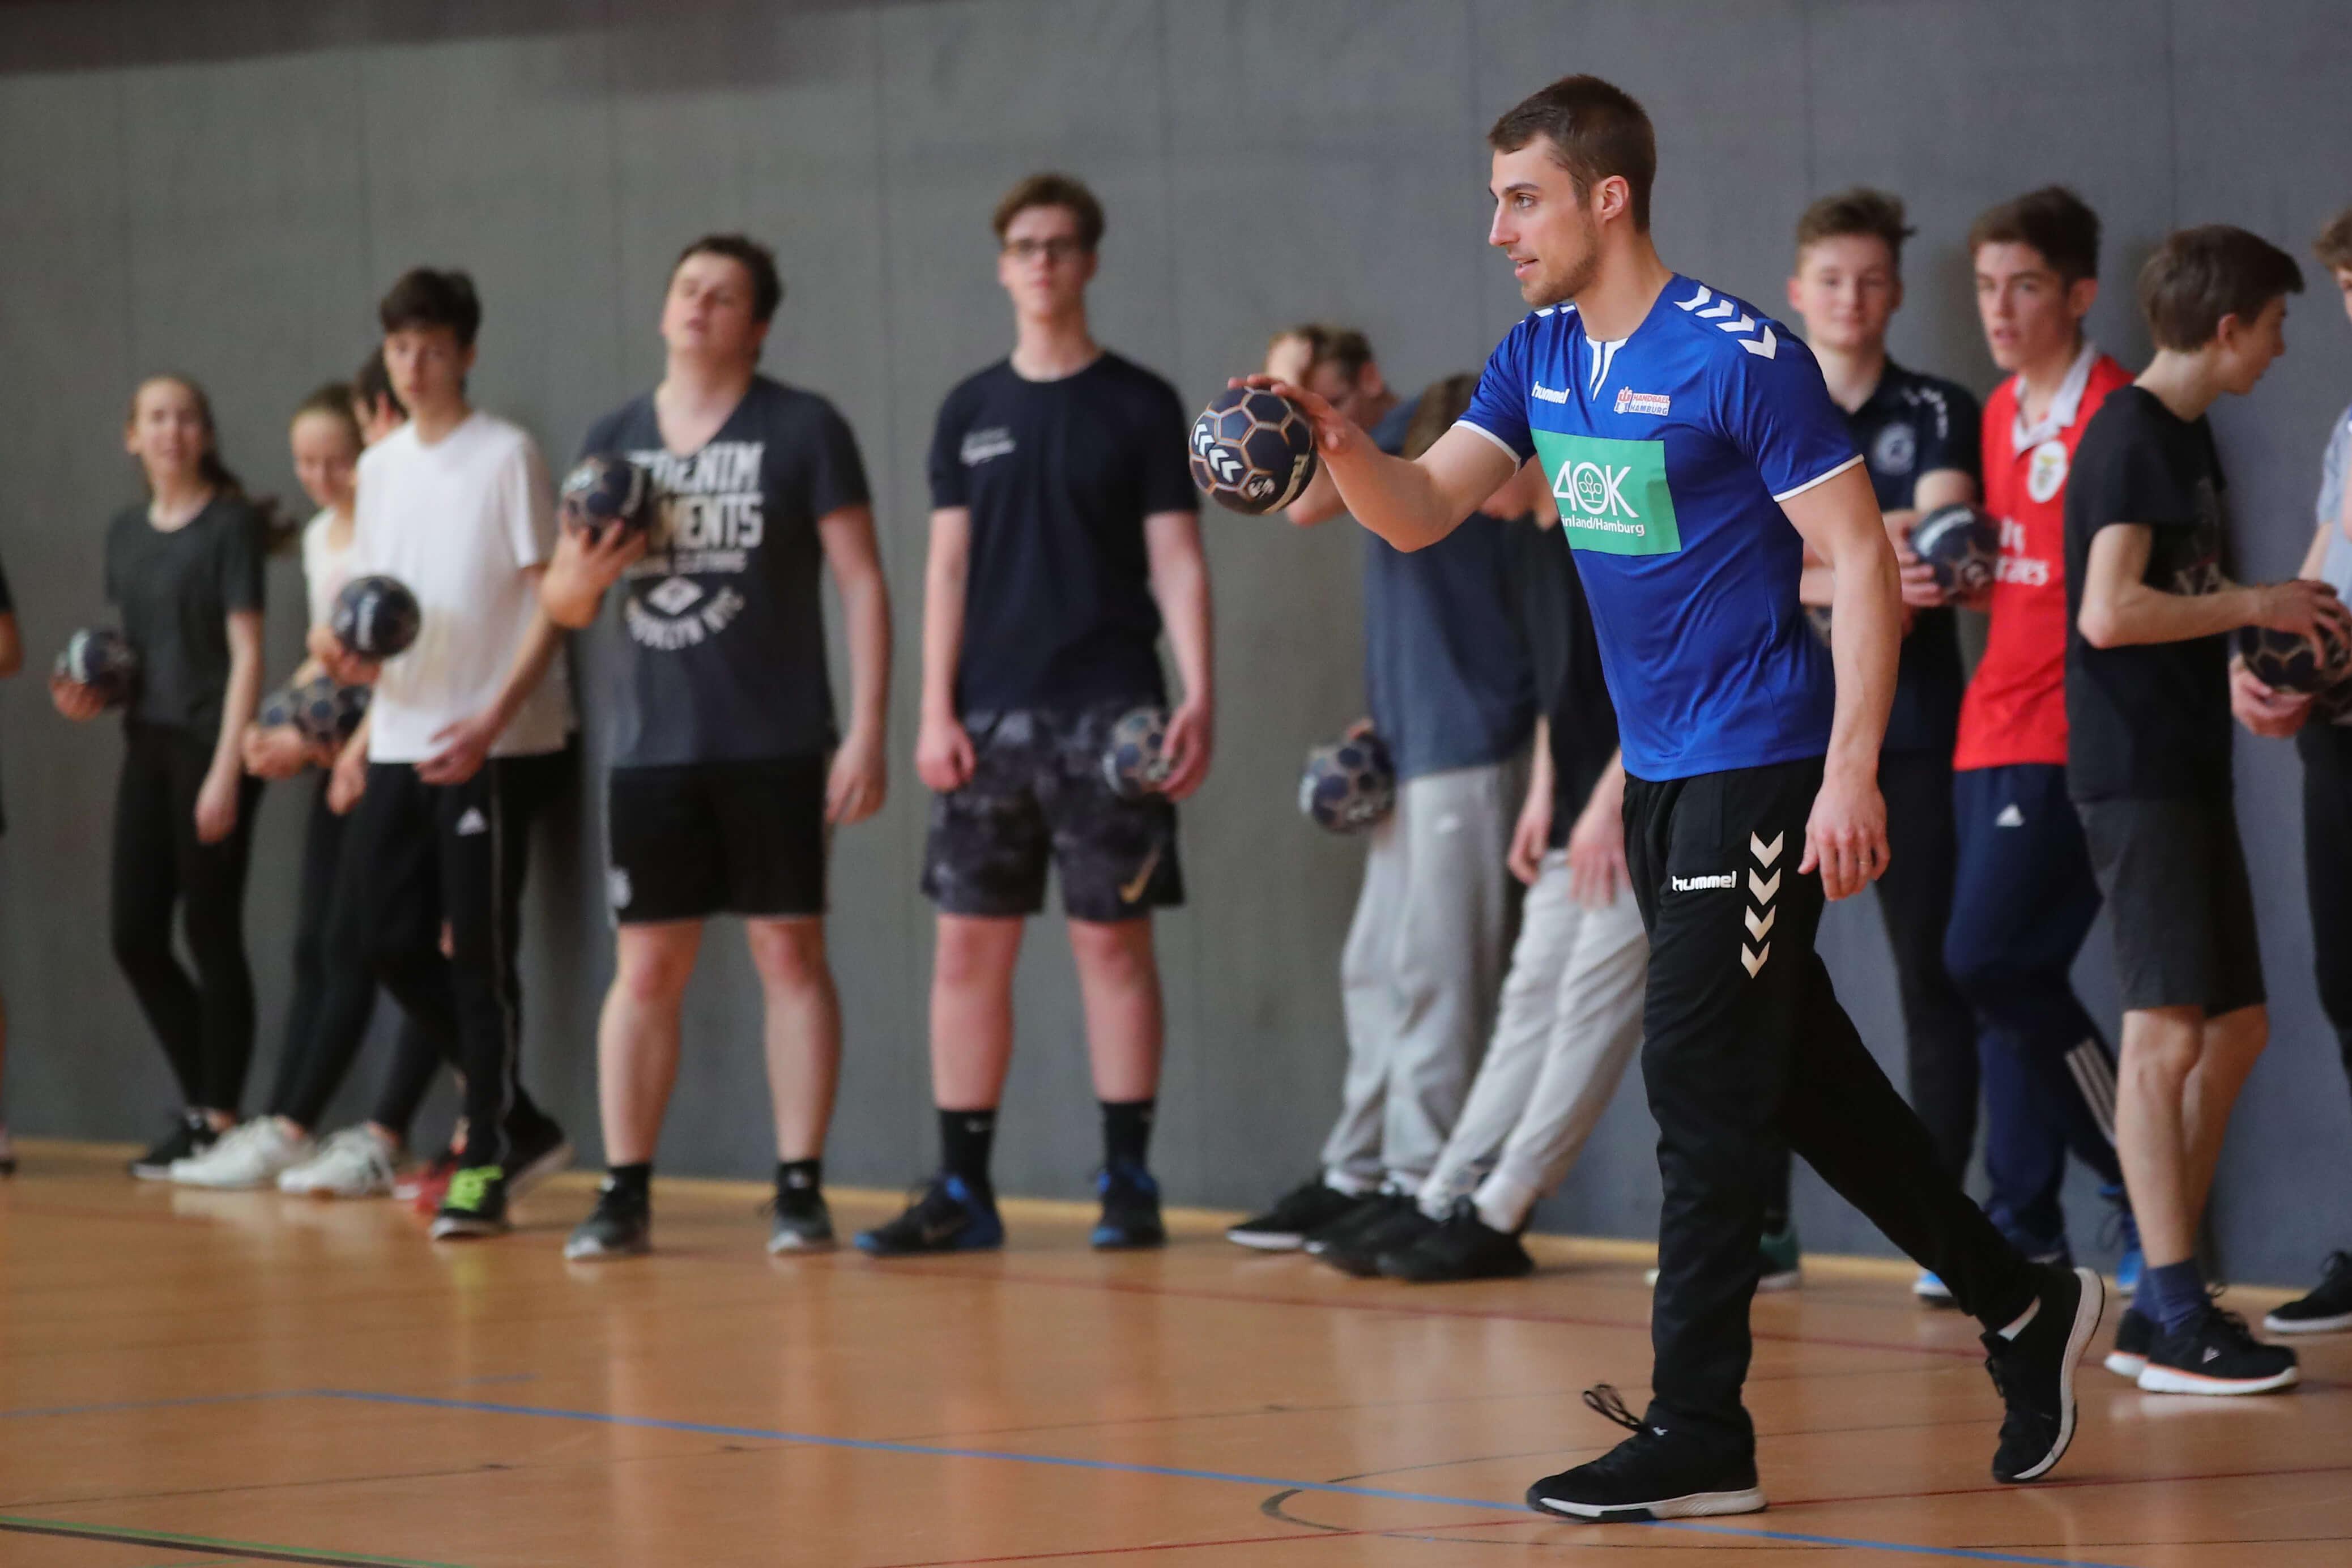 Hamburger Handballverein